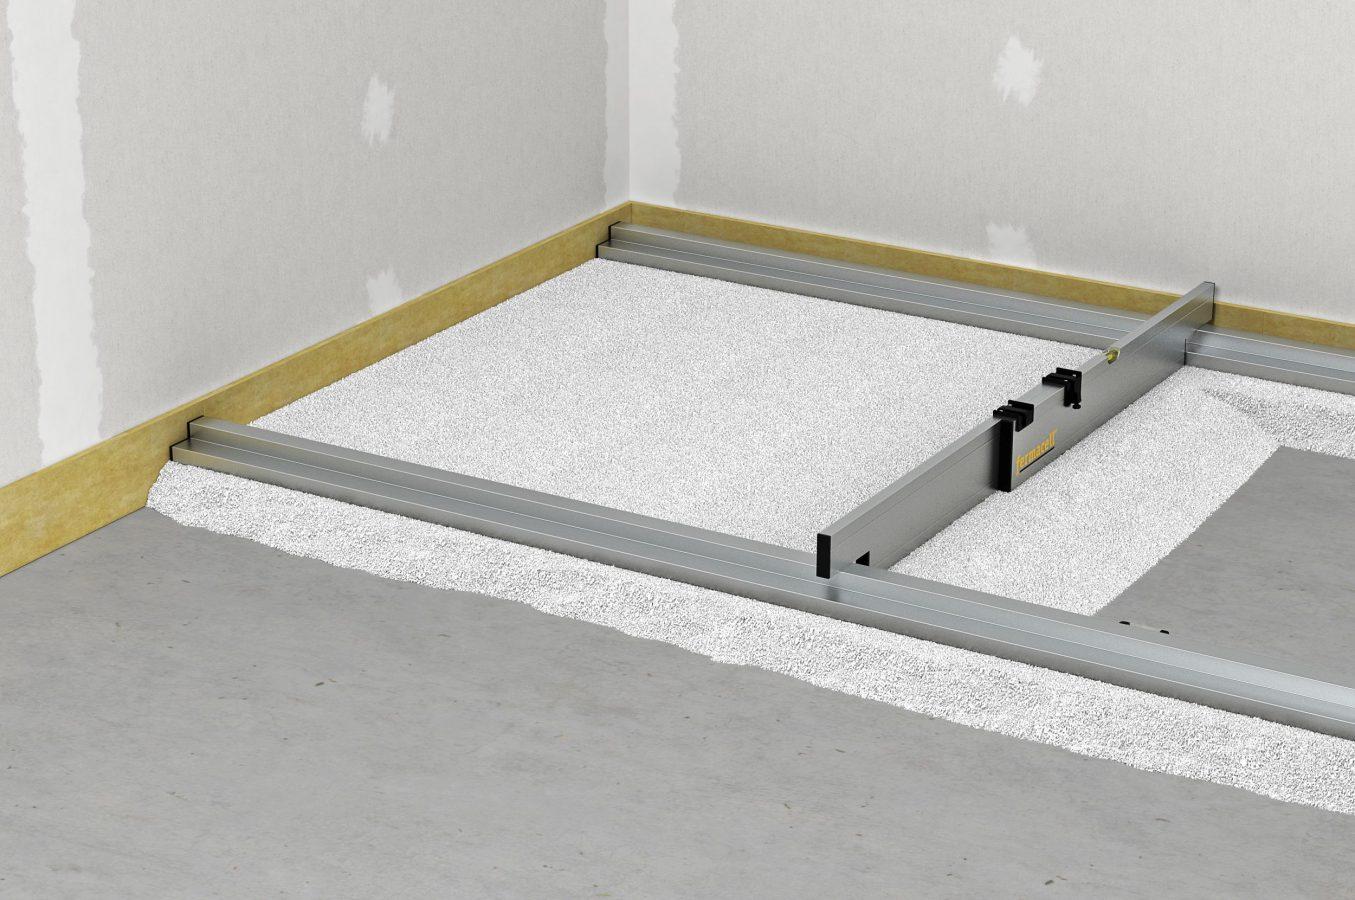 mit einer sch ttung unebenheiten unter trockenestrich ausgleichen. Black Bedroom Furniture Sets. Home Design Ideas